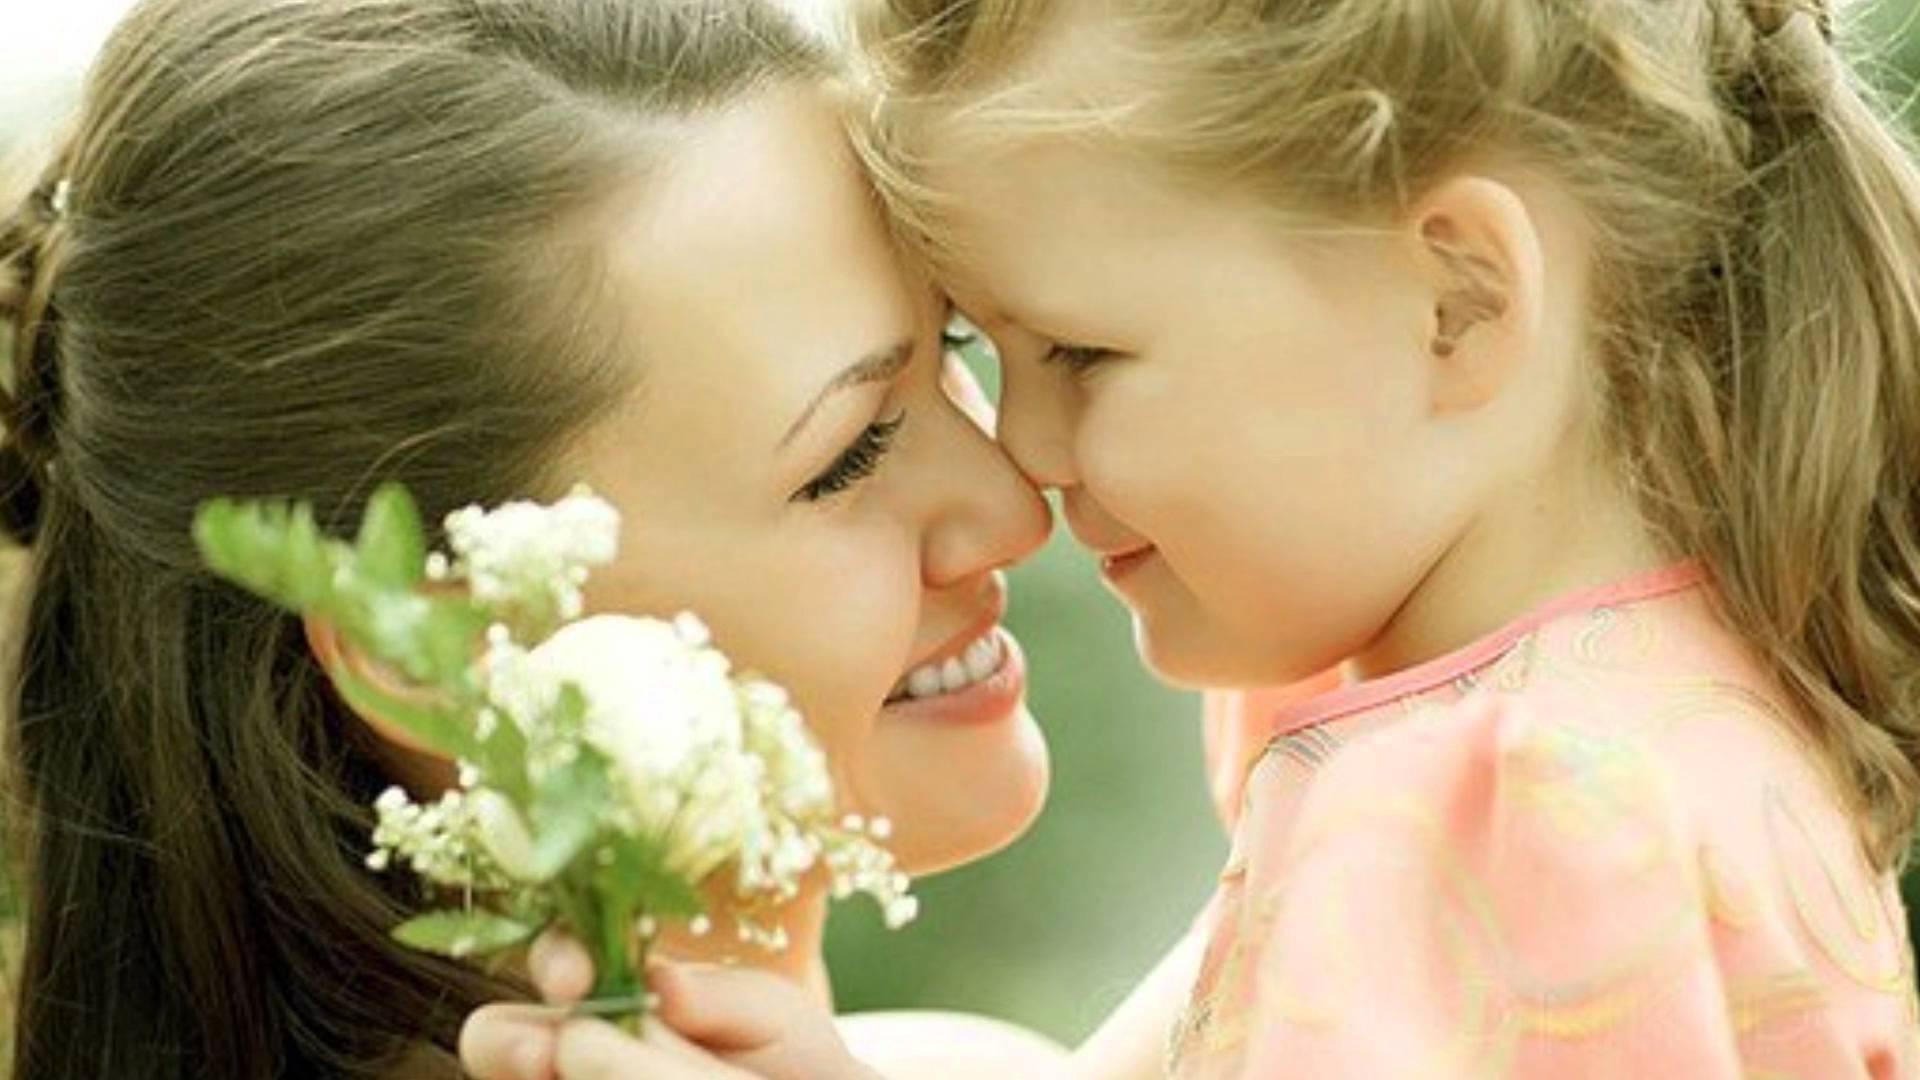 Картинки с мамами и детьми с надписями, розами для открытки